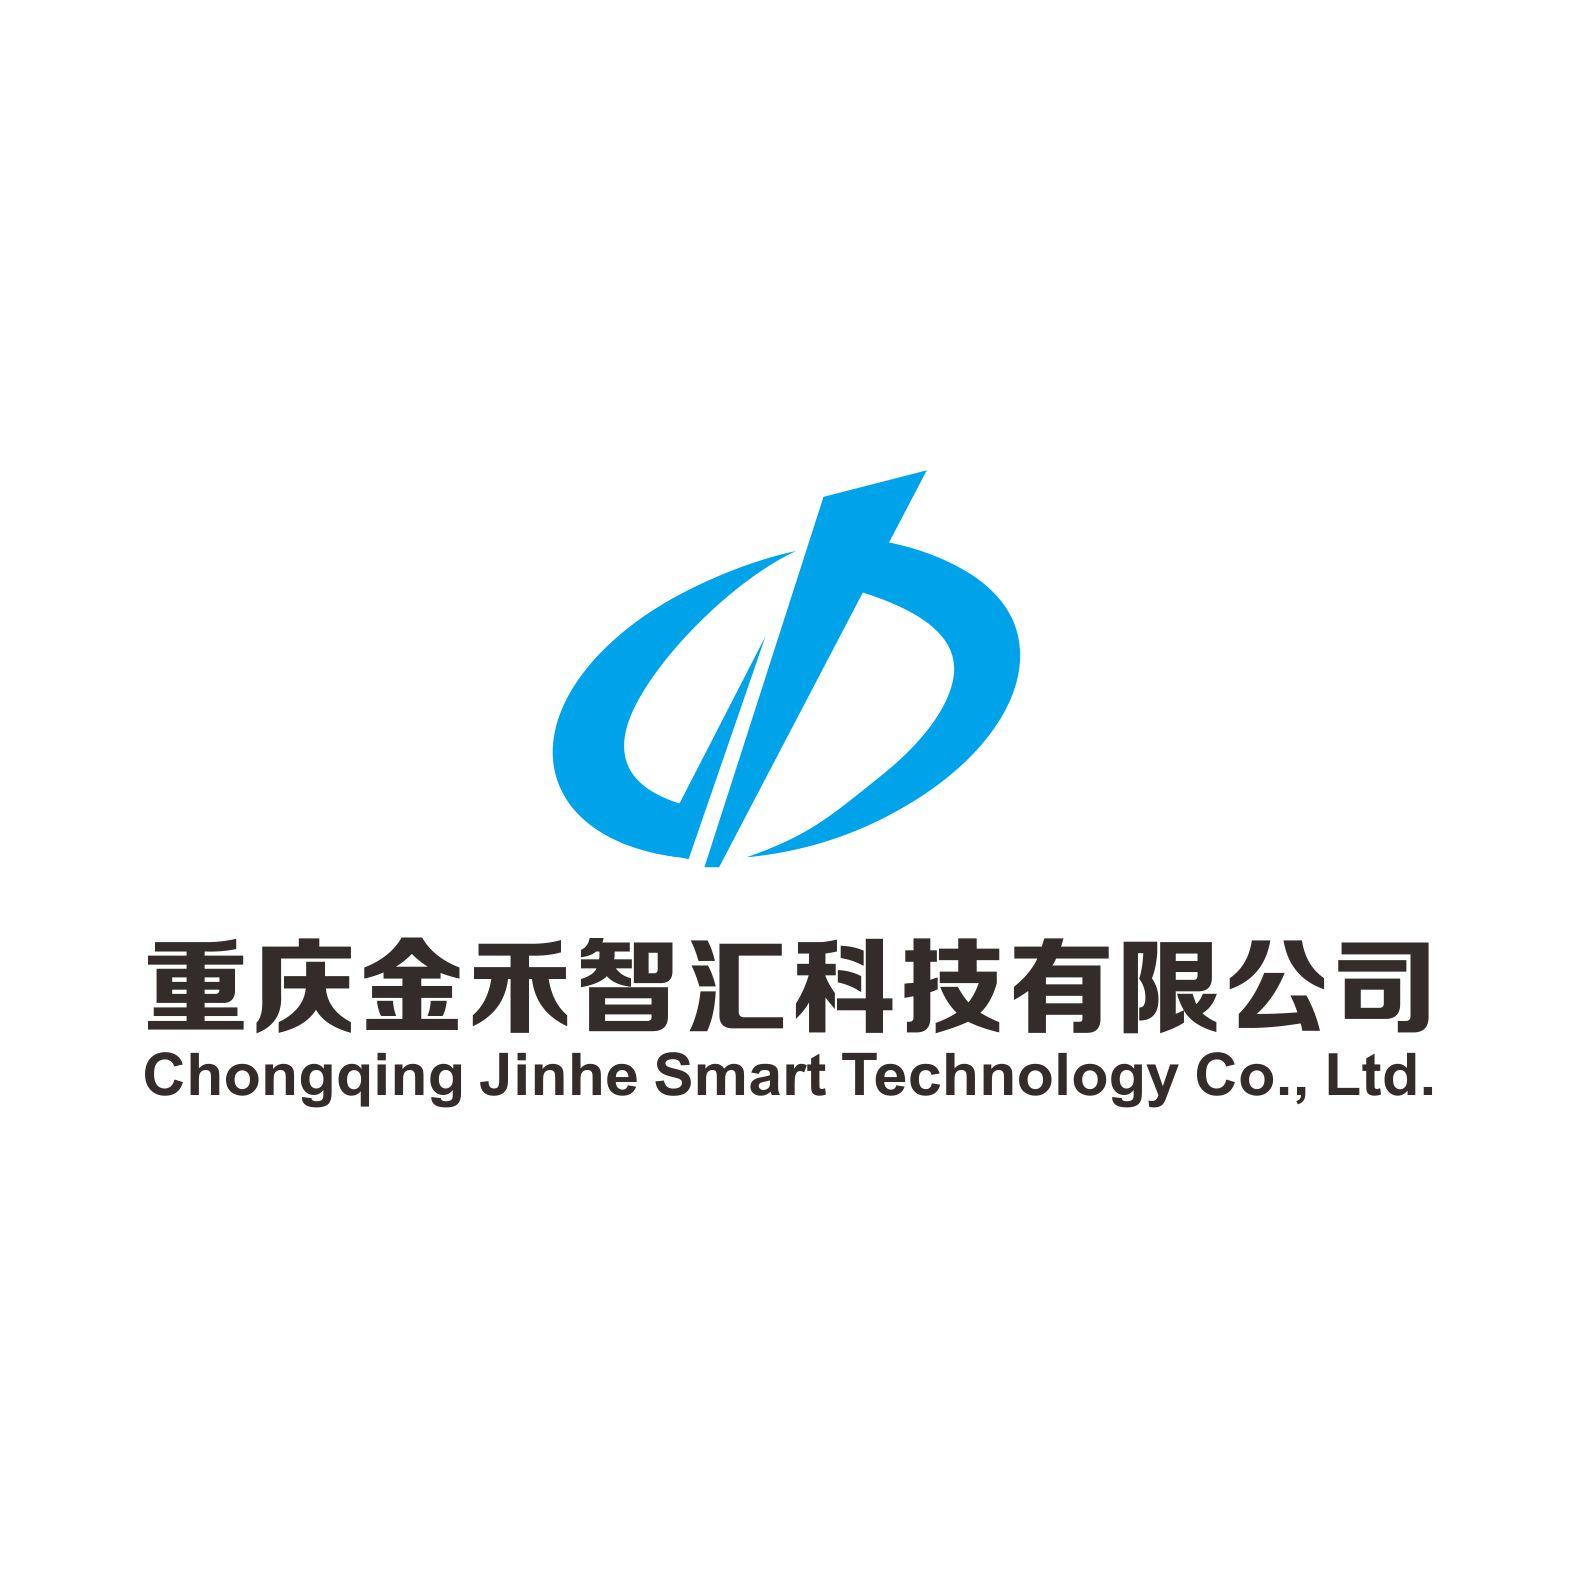 重慶金禾智匯科技有限公司